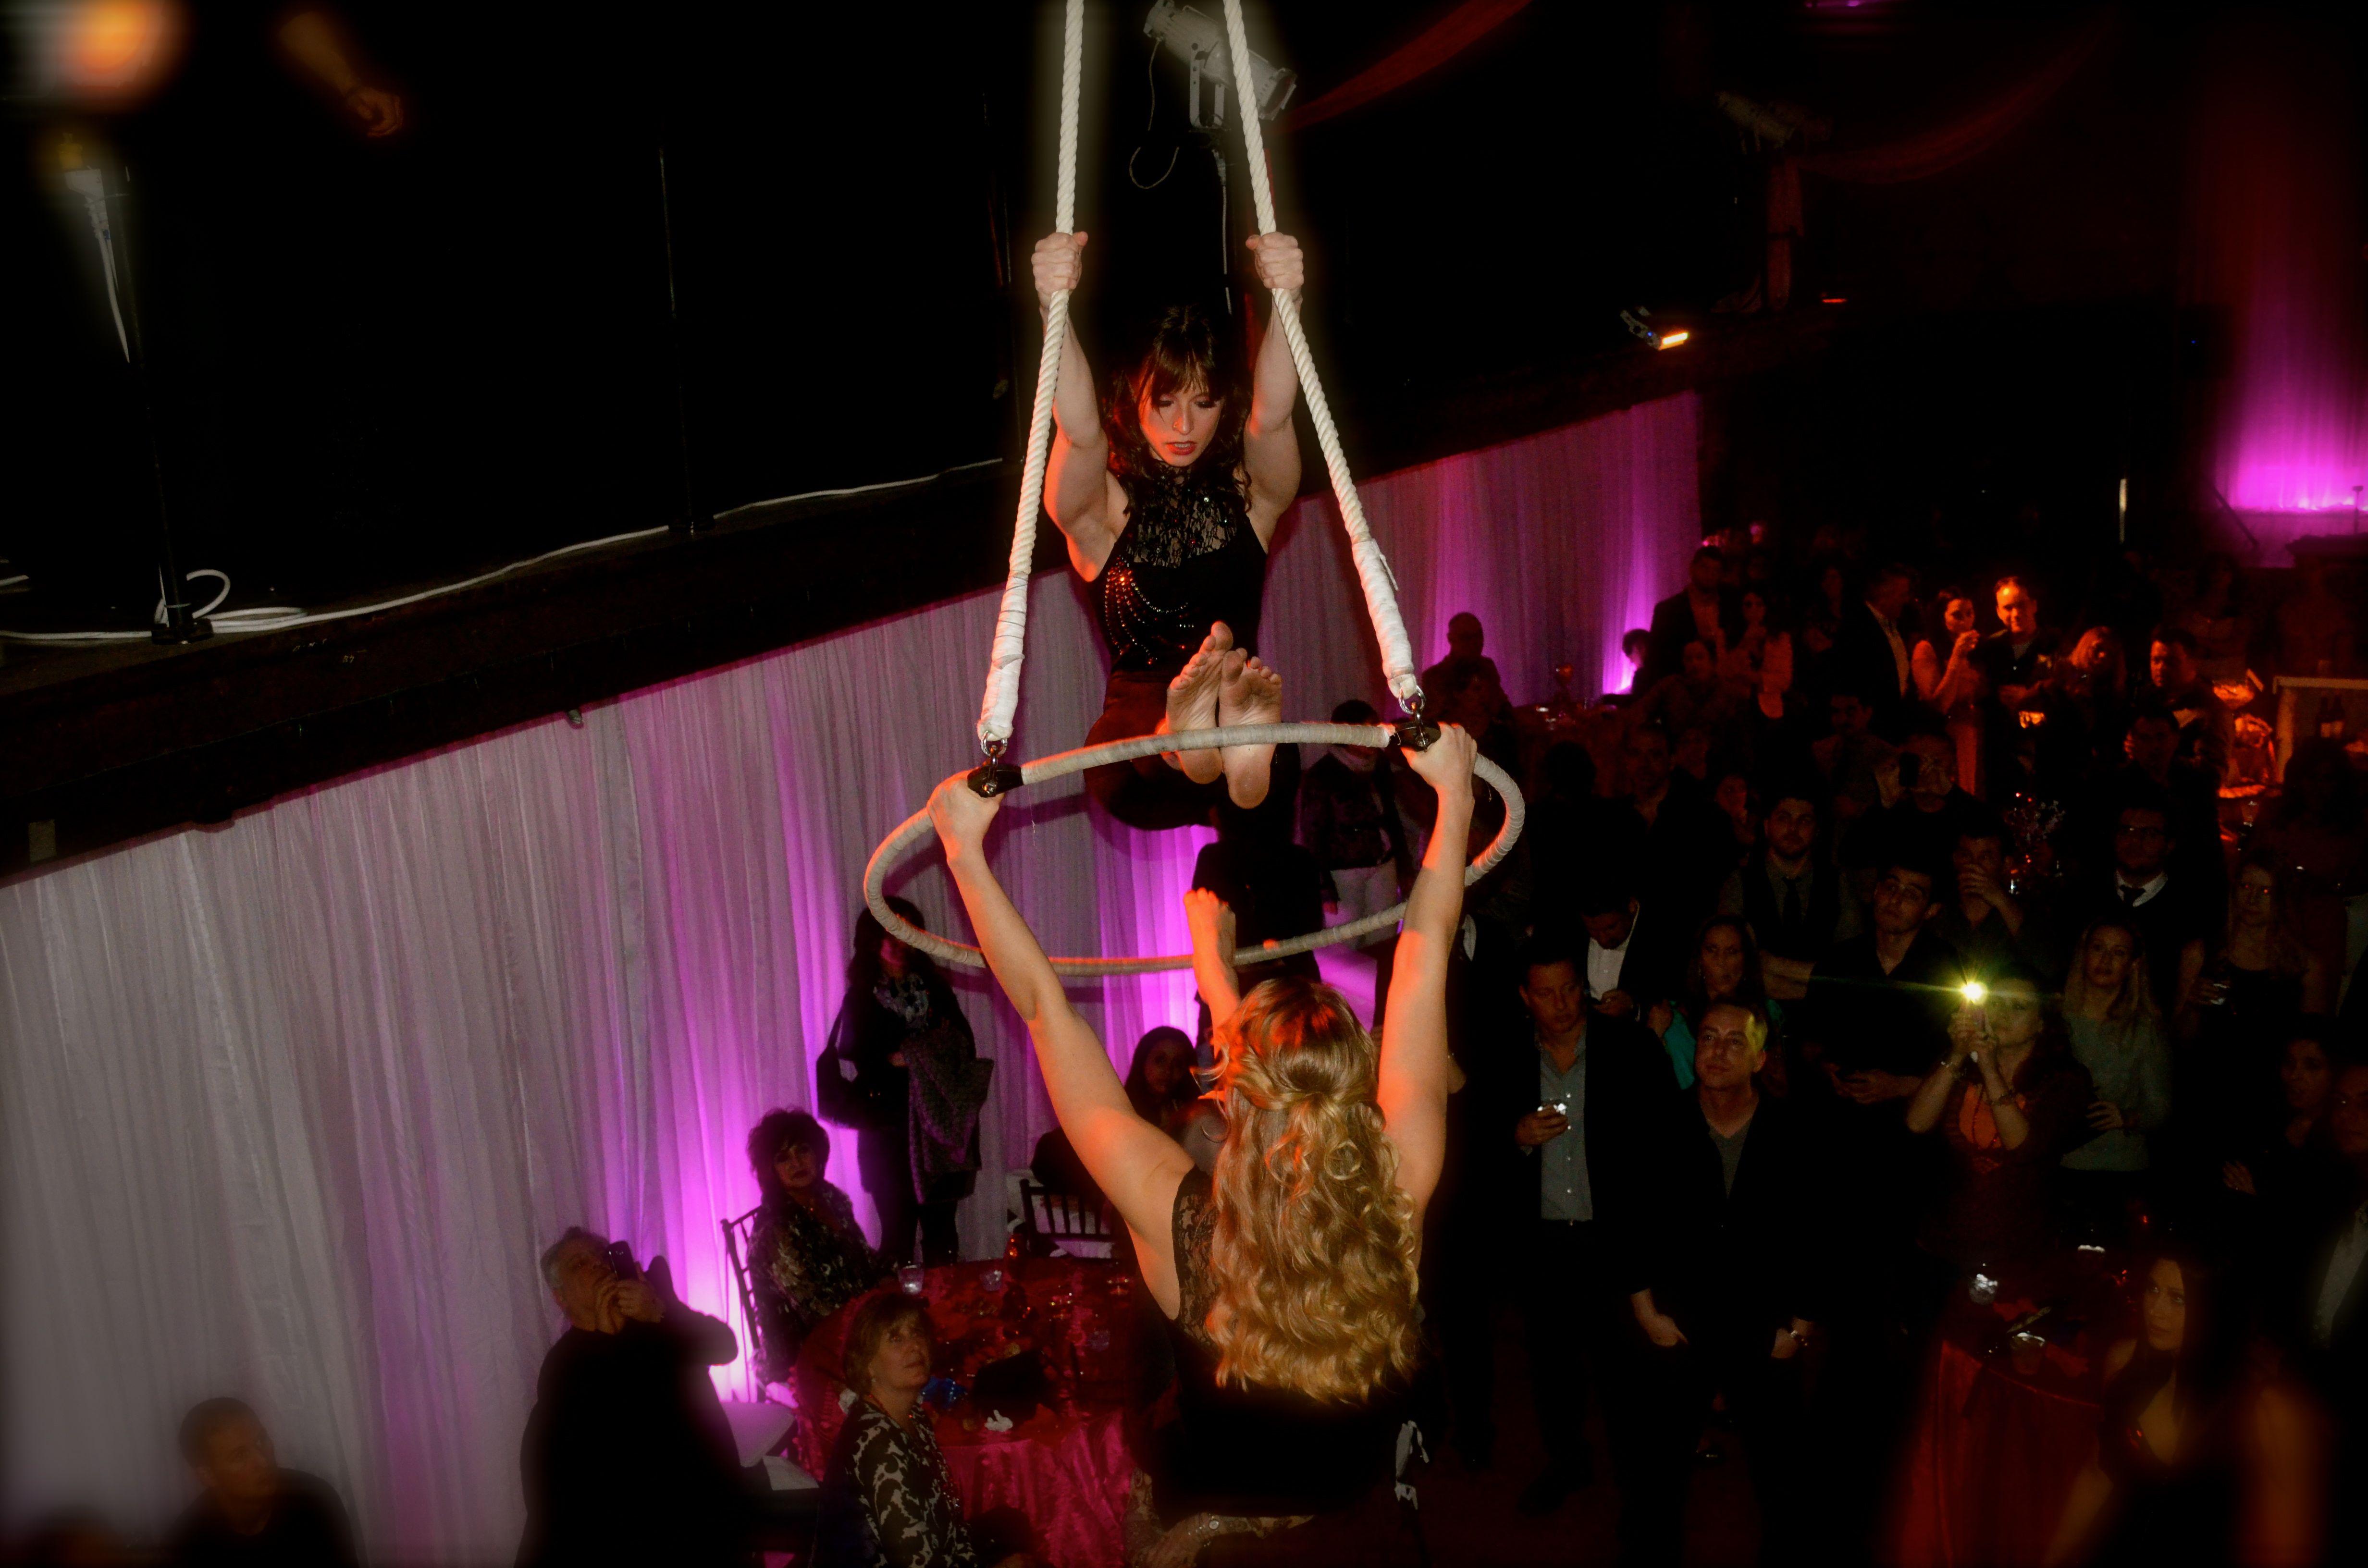 Duo aerial hoop